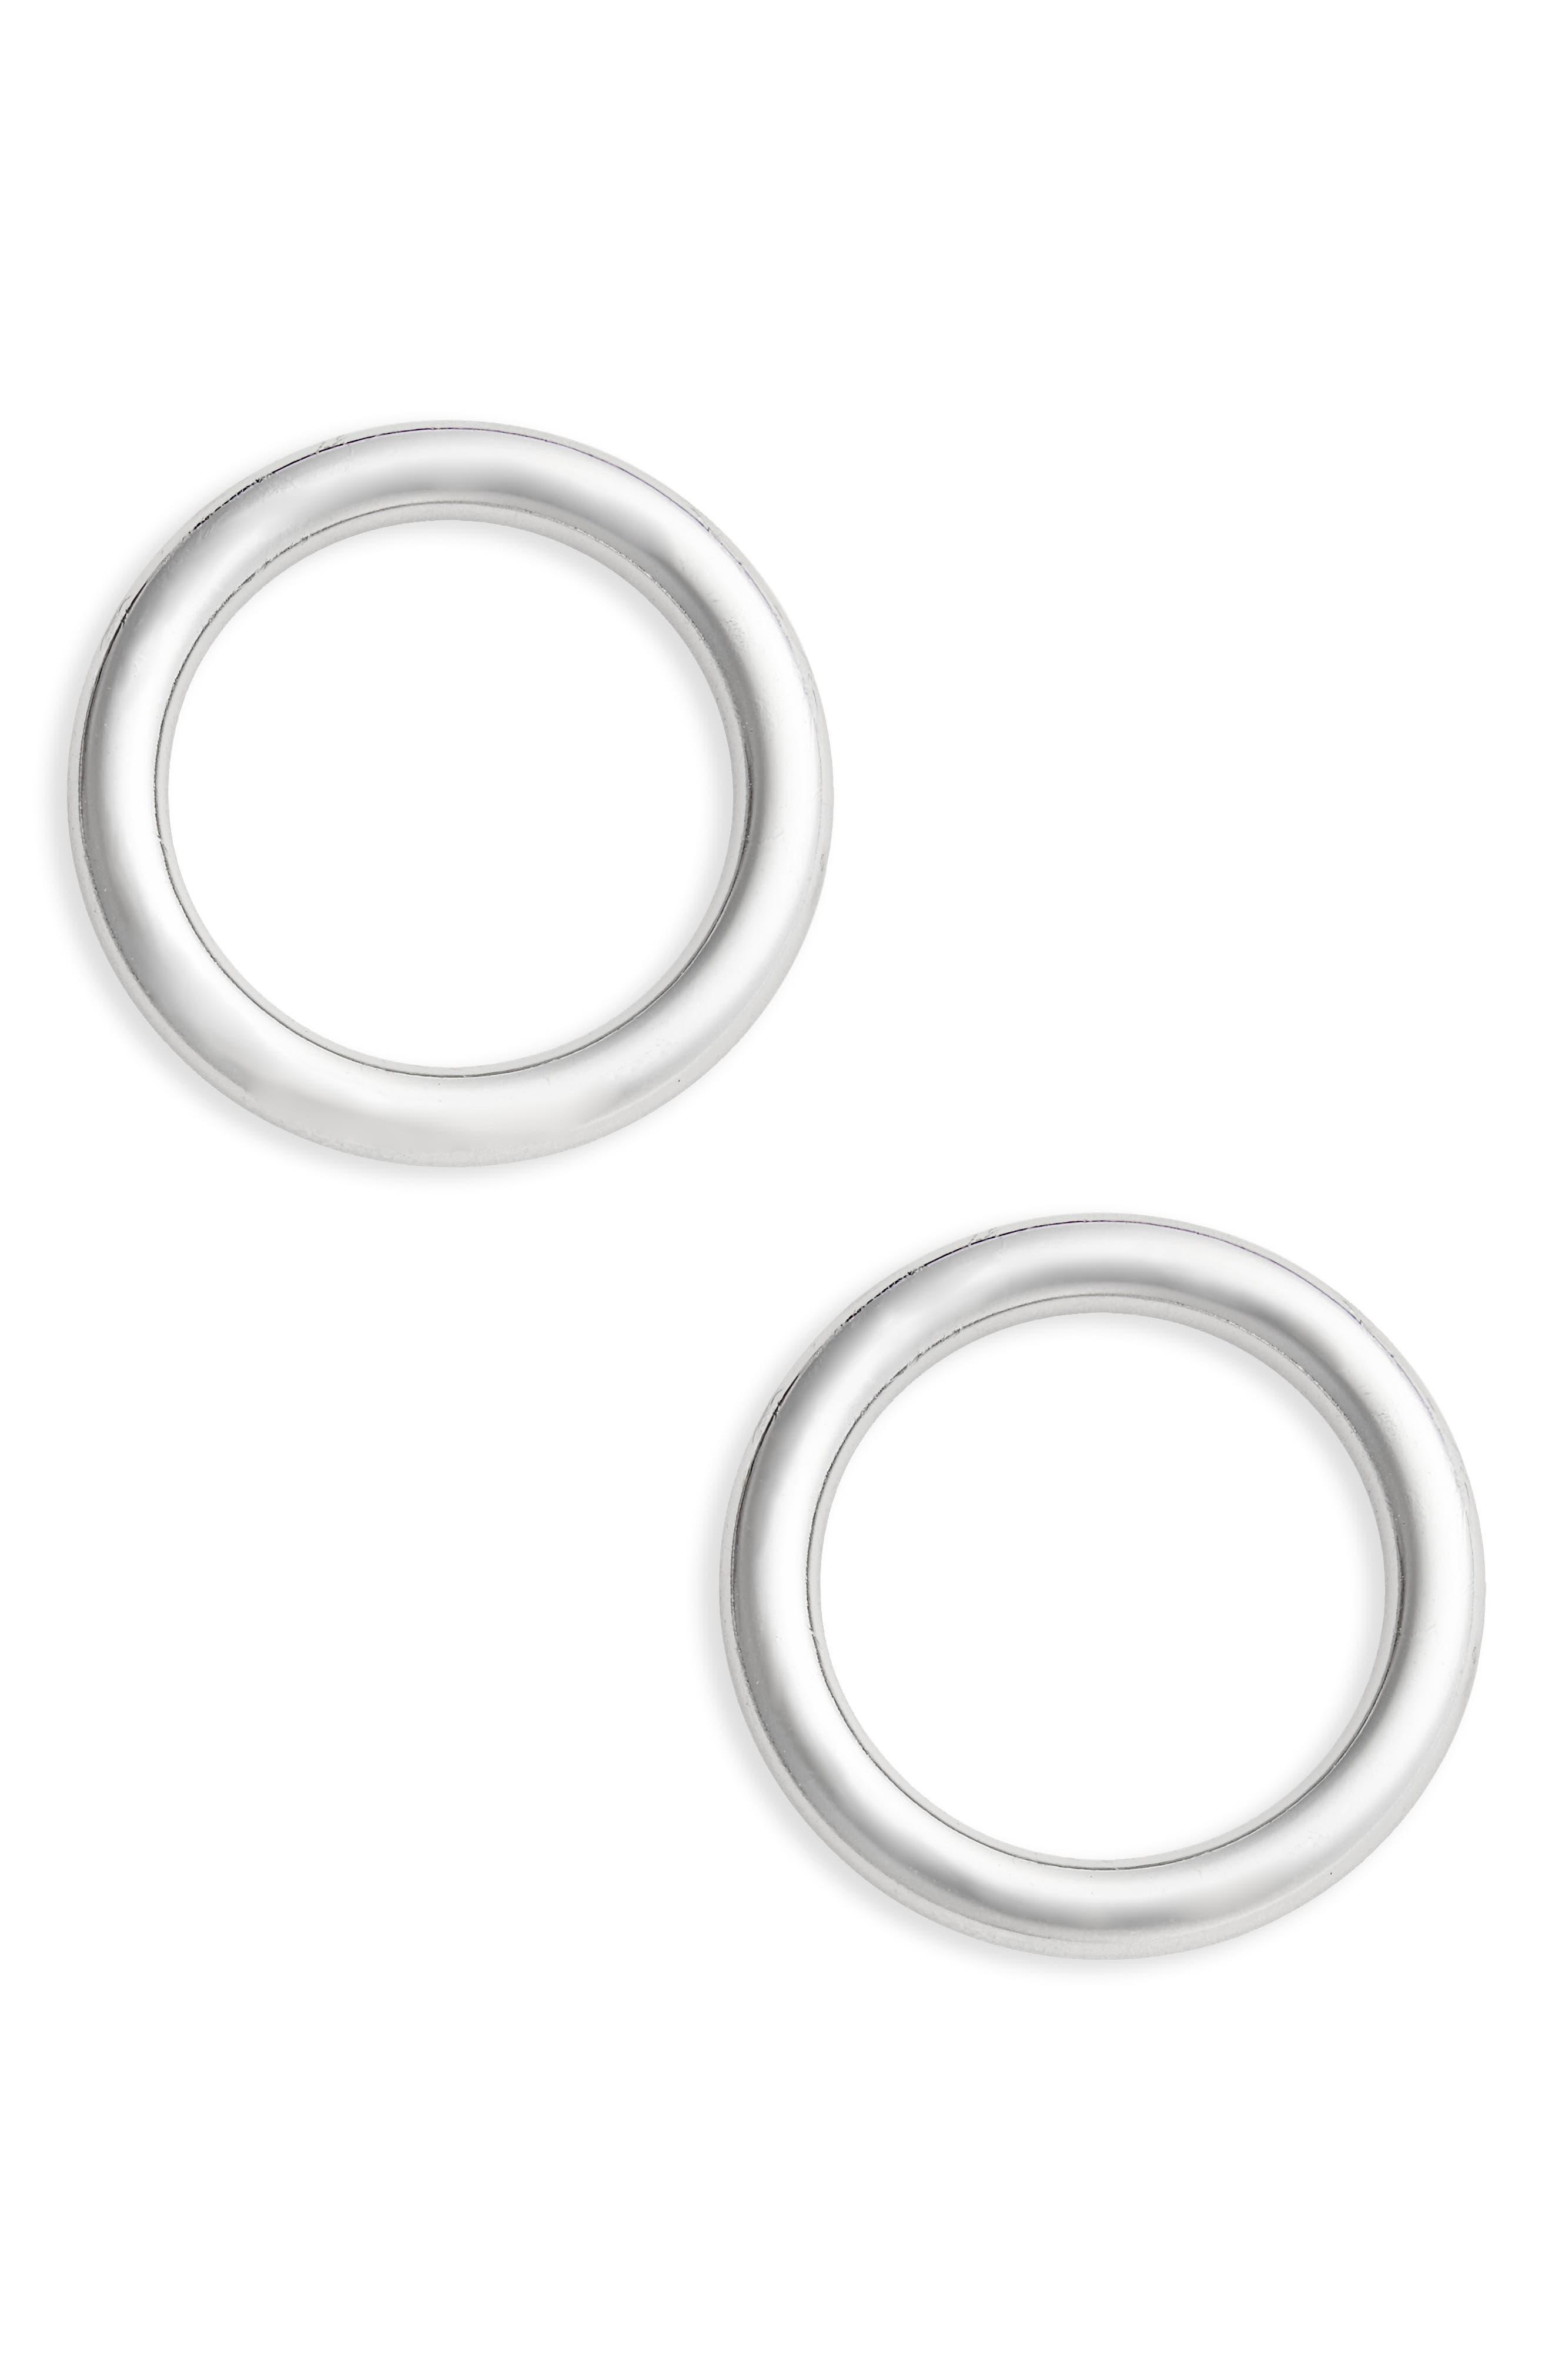 Circular Earrings,                             Main thumbnail 1, color,                             040